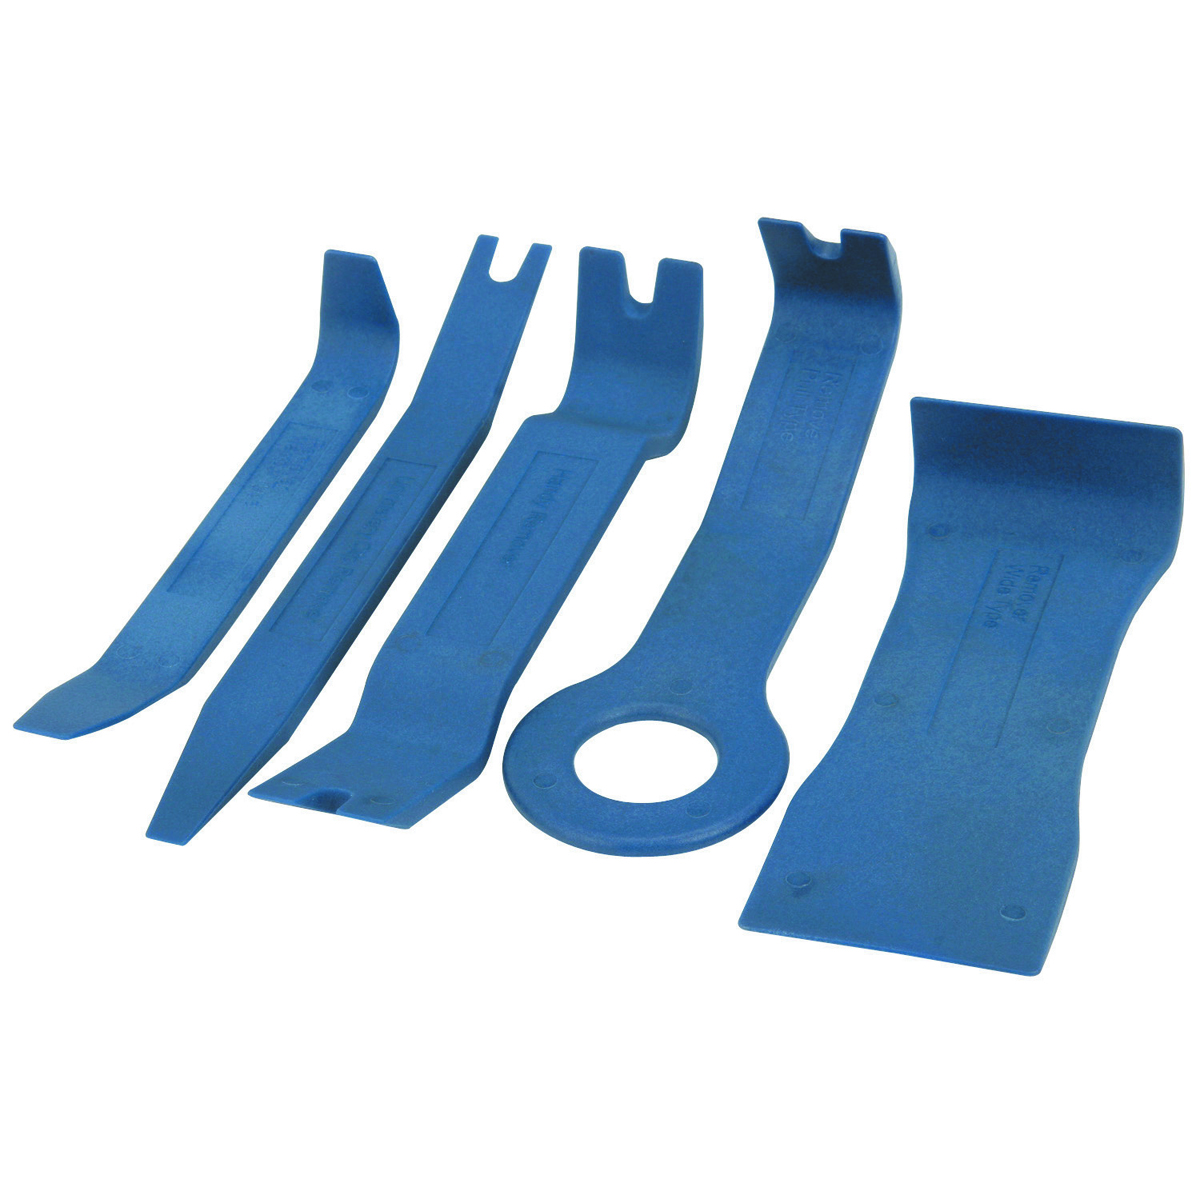 5 piece auto trim and molding tool set